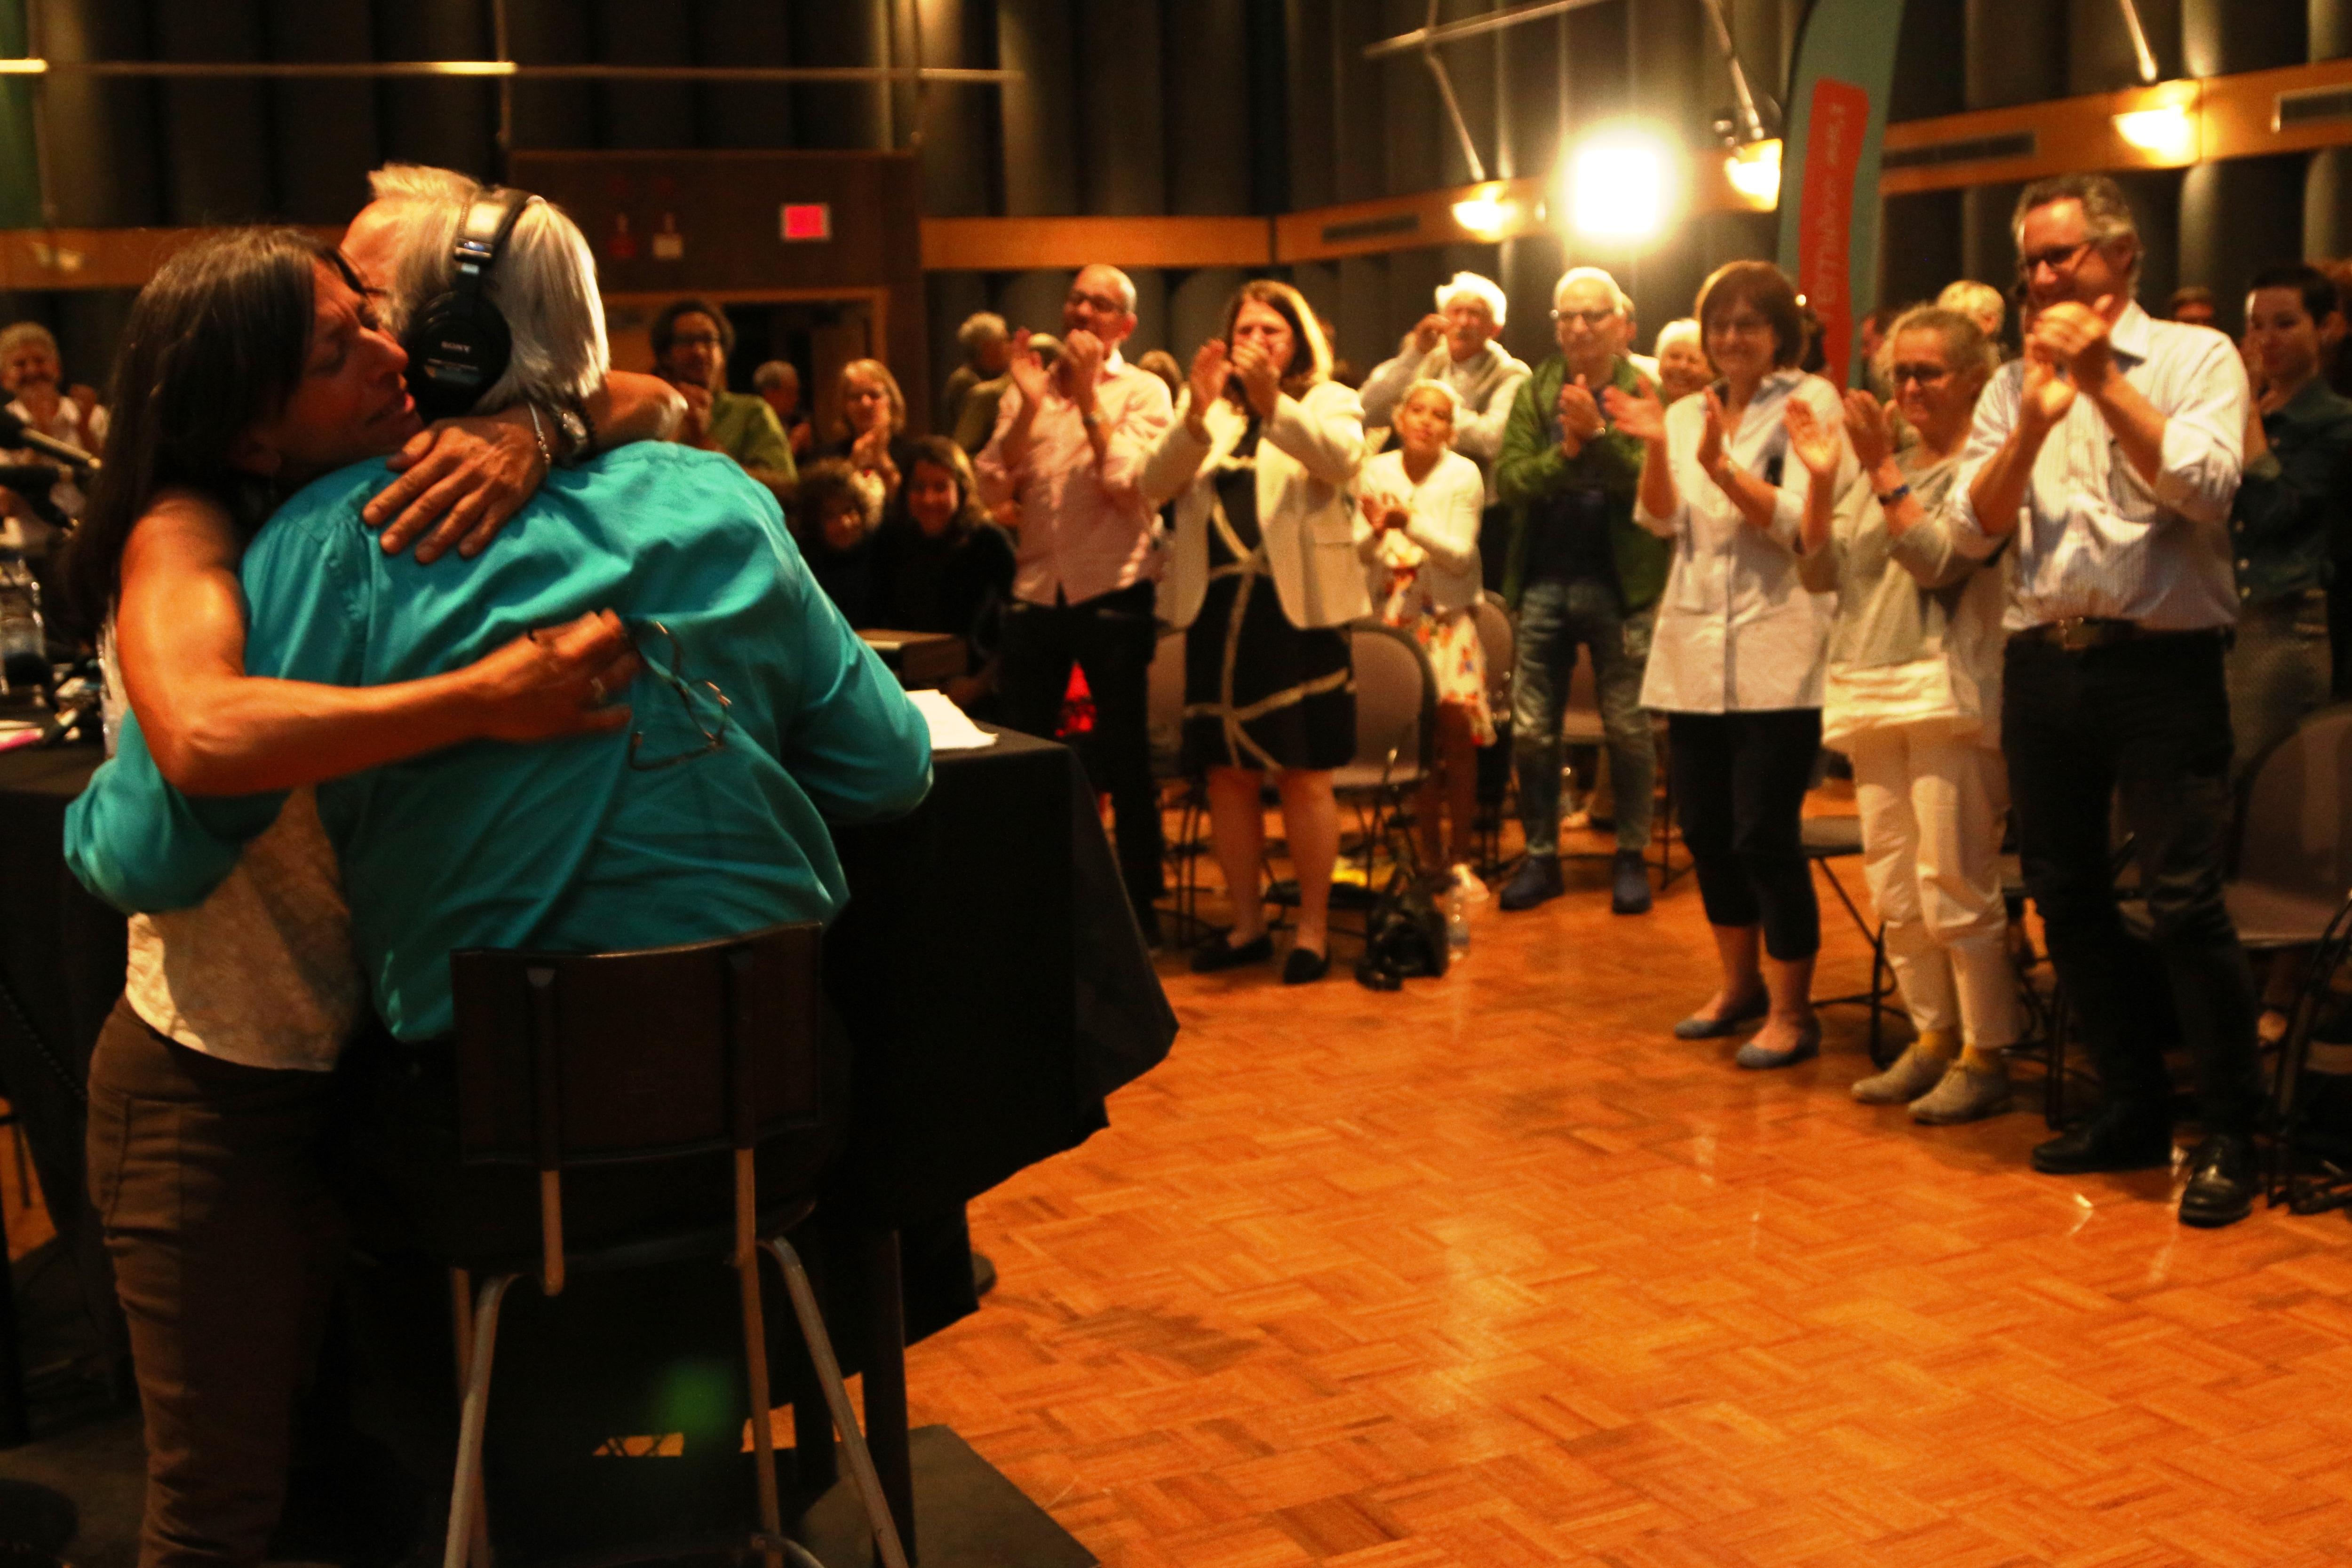 Émue, la journaliste Chantal Srivastava serre Yanick Villedieu dans ses bras pendant qu'amis, collègues et ex-collègues applaudissent l'animateur des Années lumière.